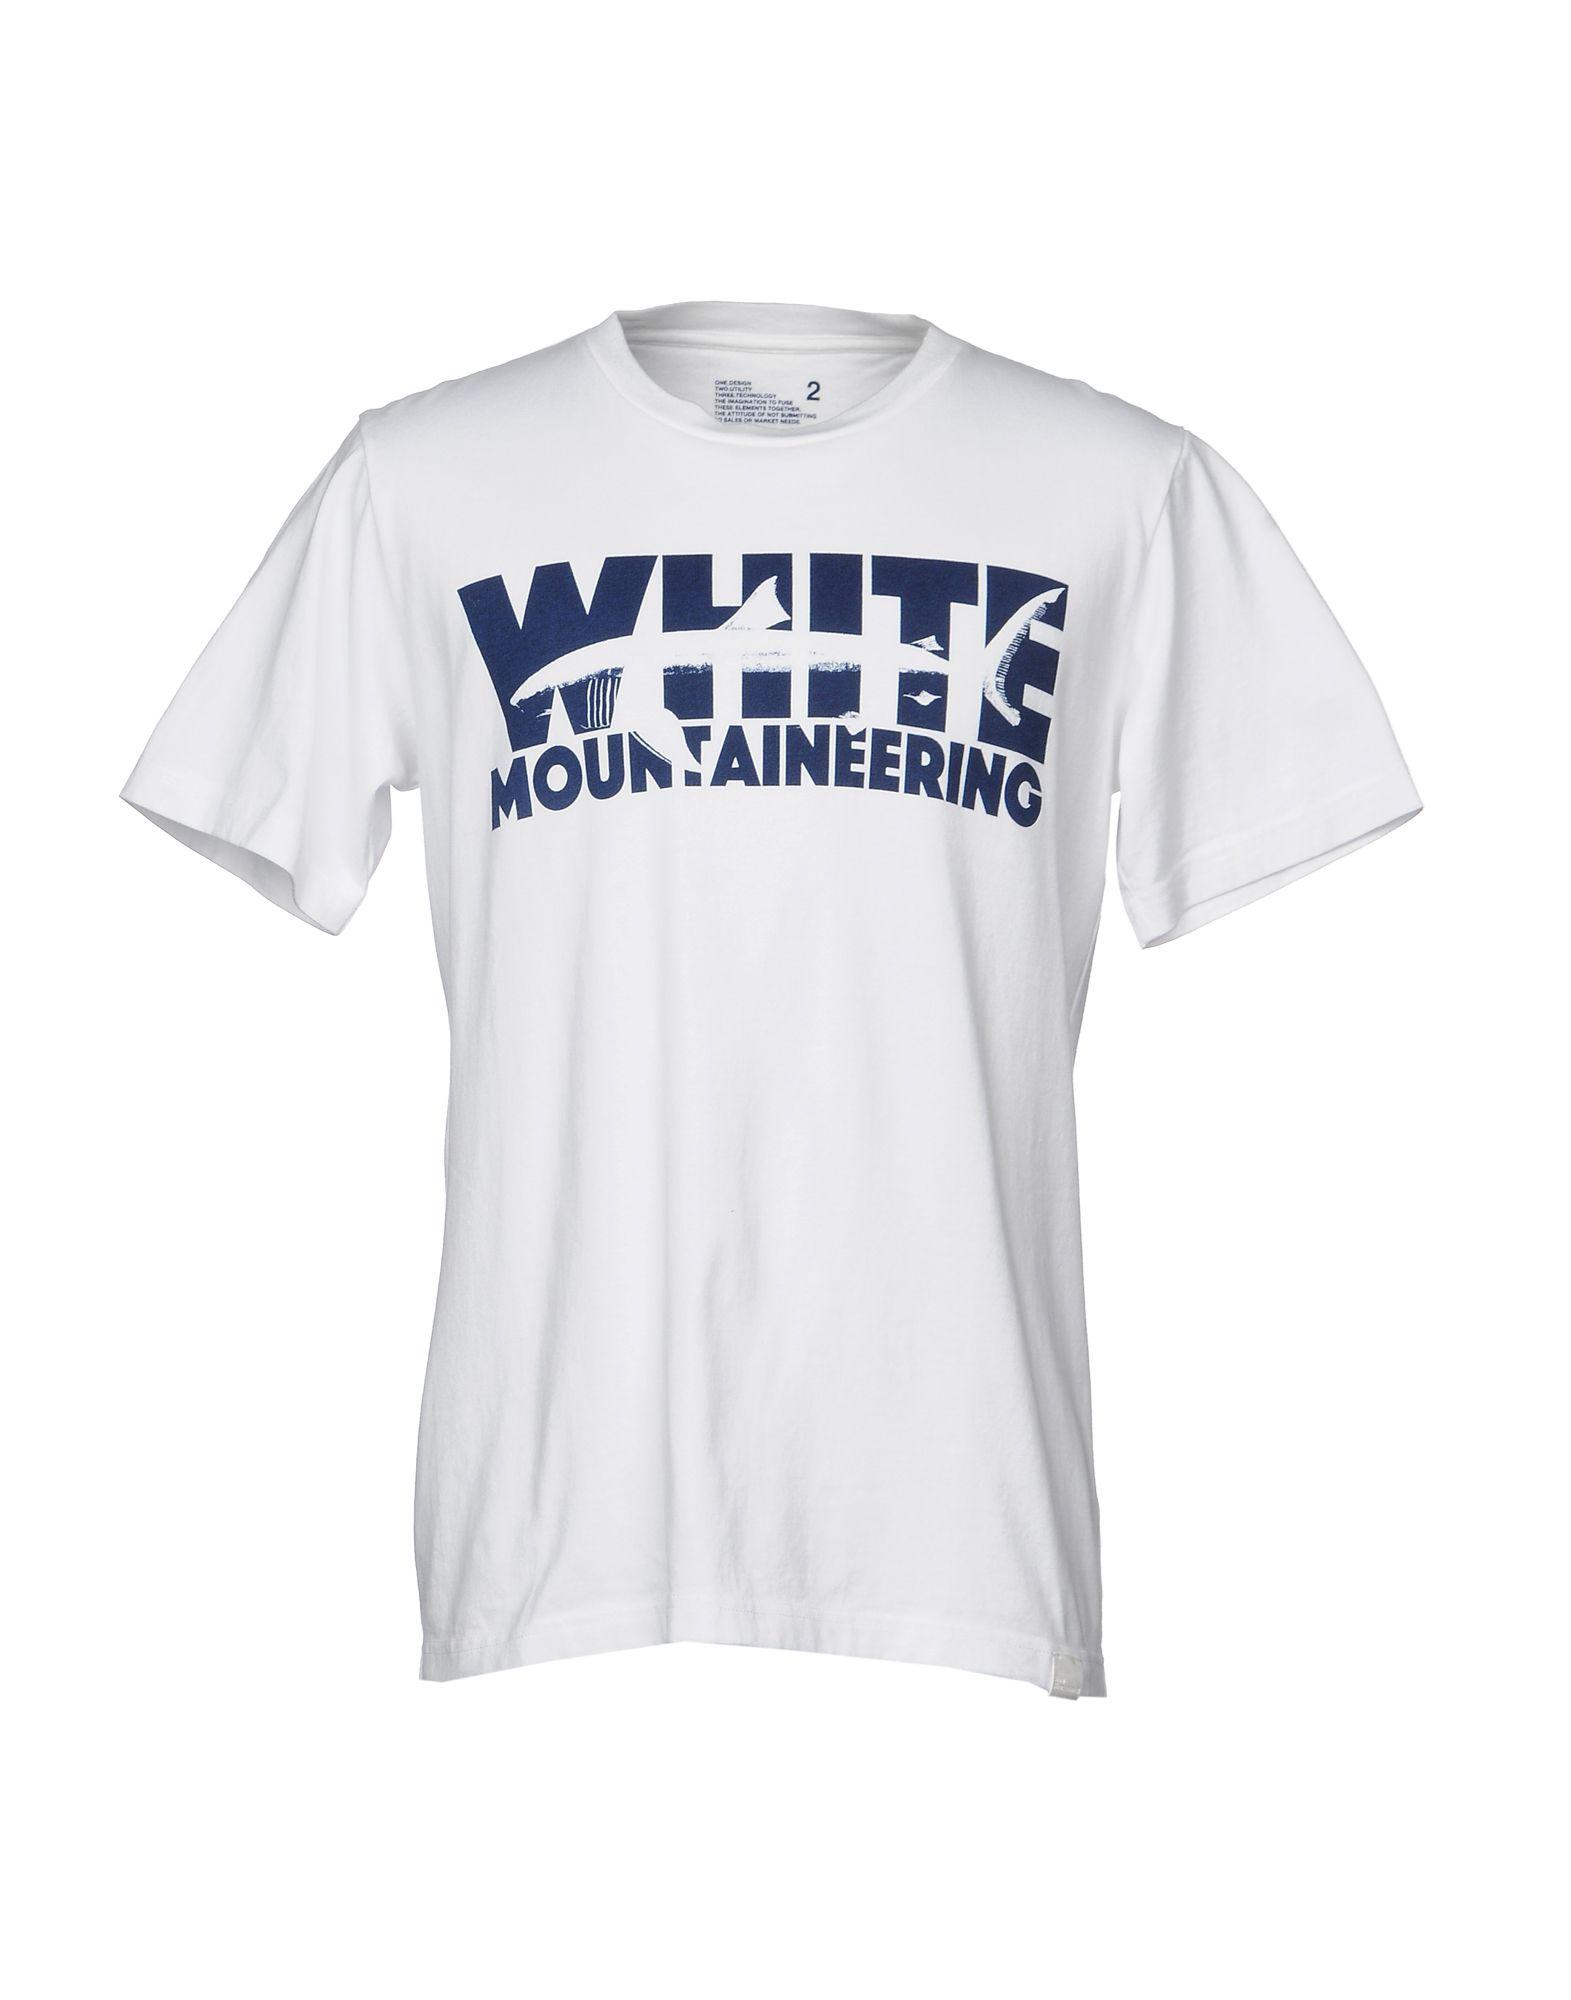 WHITE MOUNTAINEERING Футболка white mountaineering x white mountaineering grayling crew neck charcoal